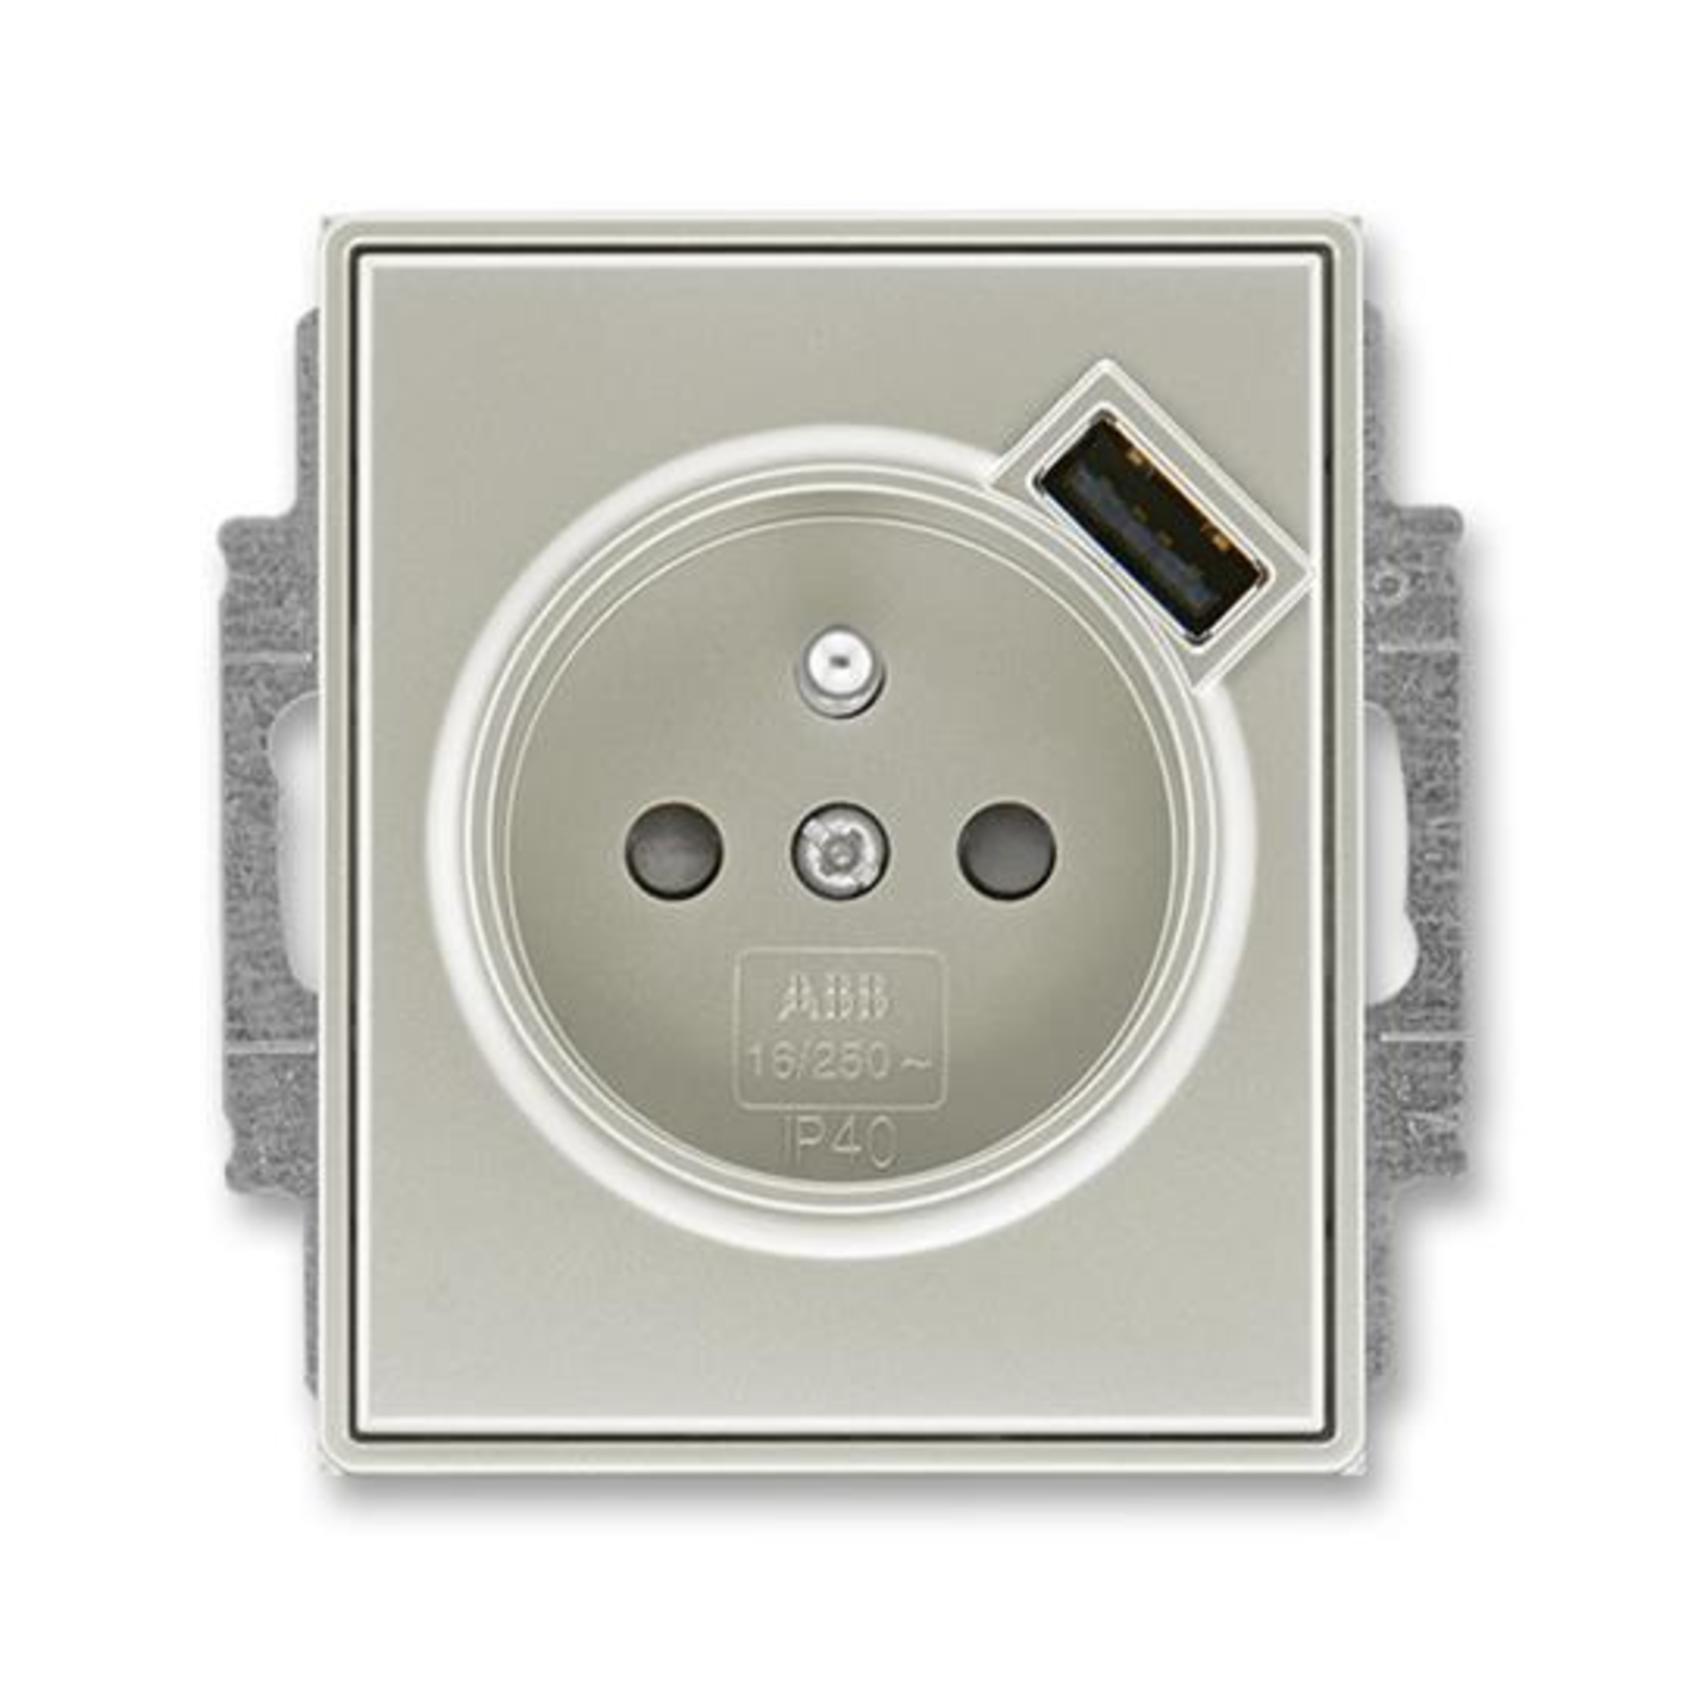 ABB 5569E-A02357 32 Time Zásuvka 1násobná s kolíkem, s clonkami, s USB nabíjením